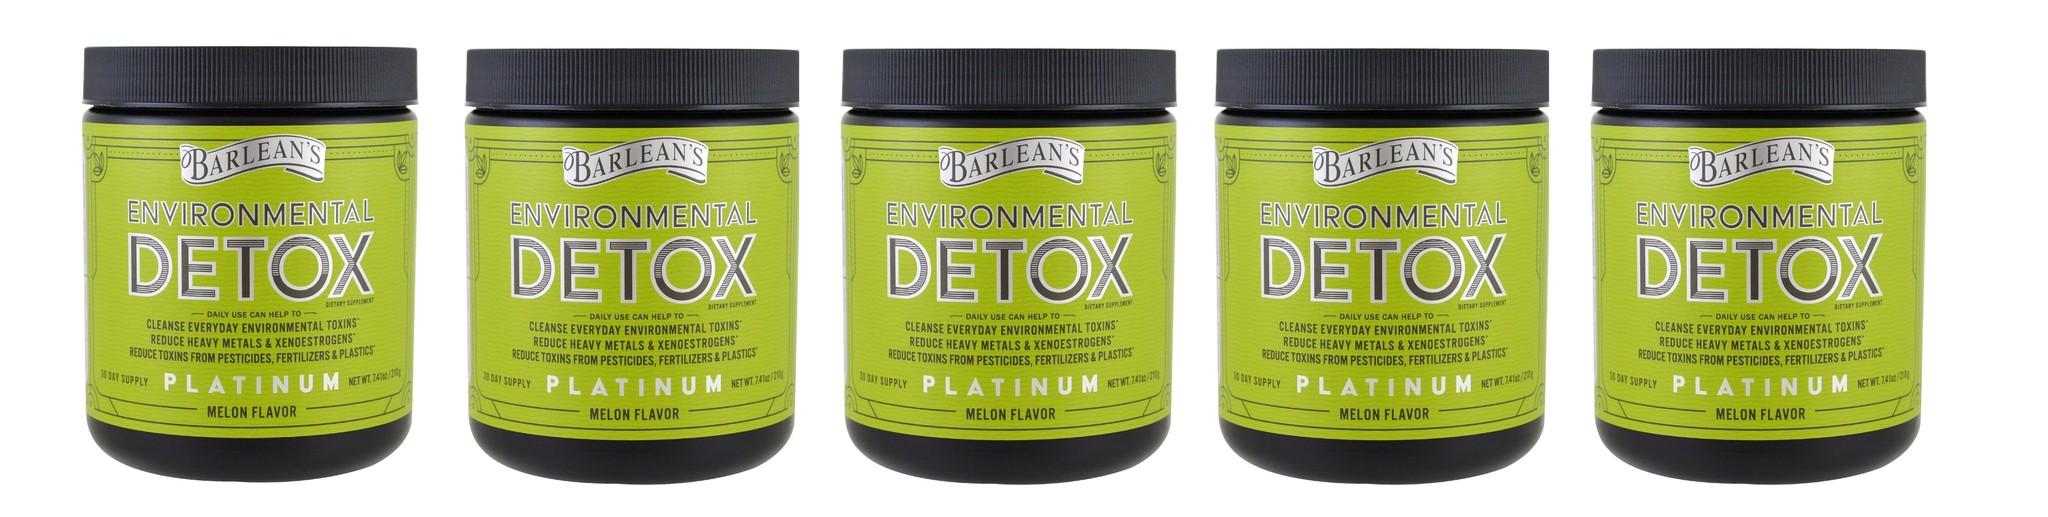 Barlean's Environmental Detox, Melon Flavor, 7.41 oz (210 g), 5-pack